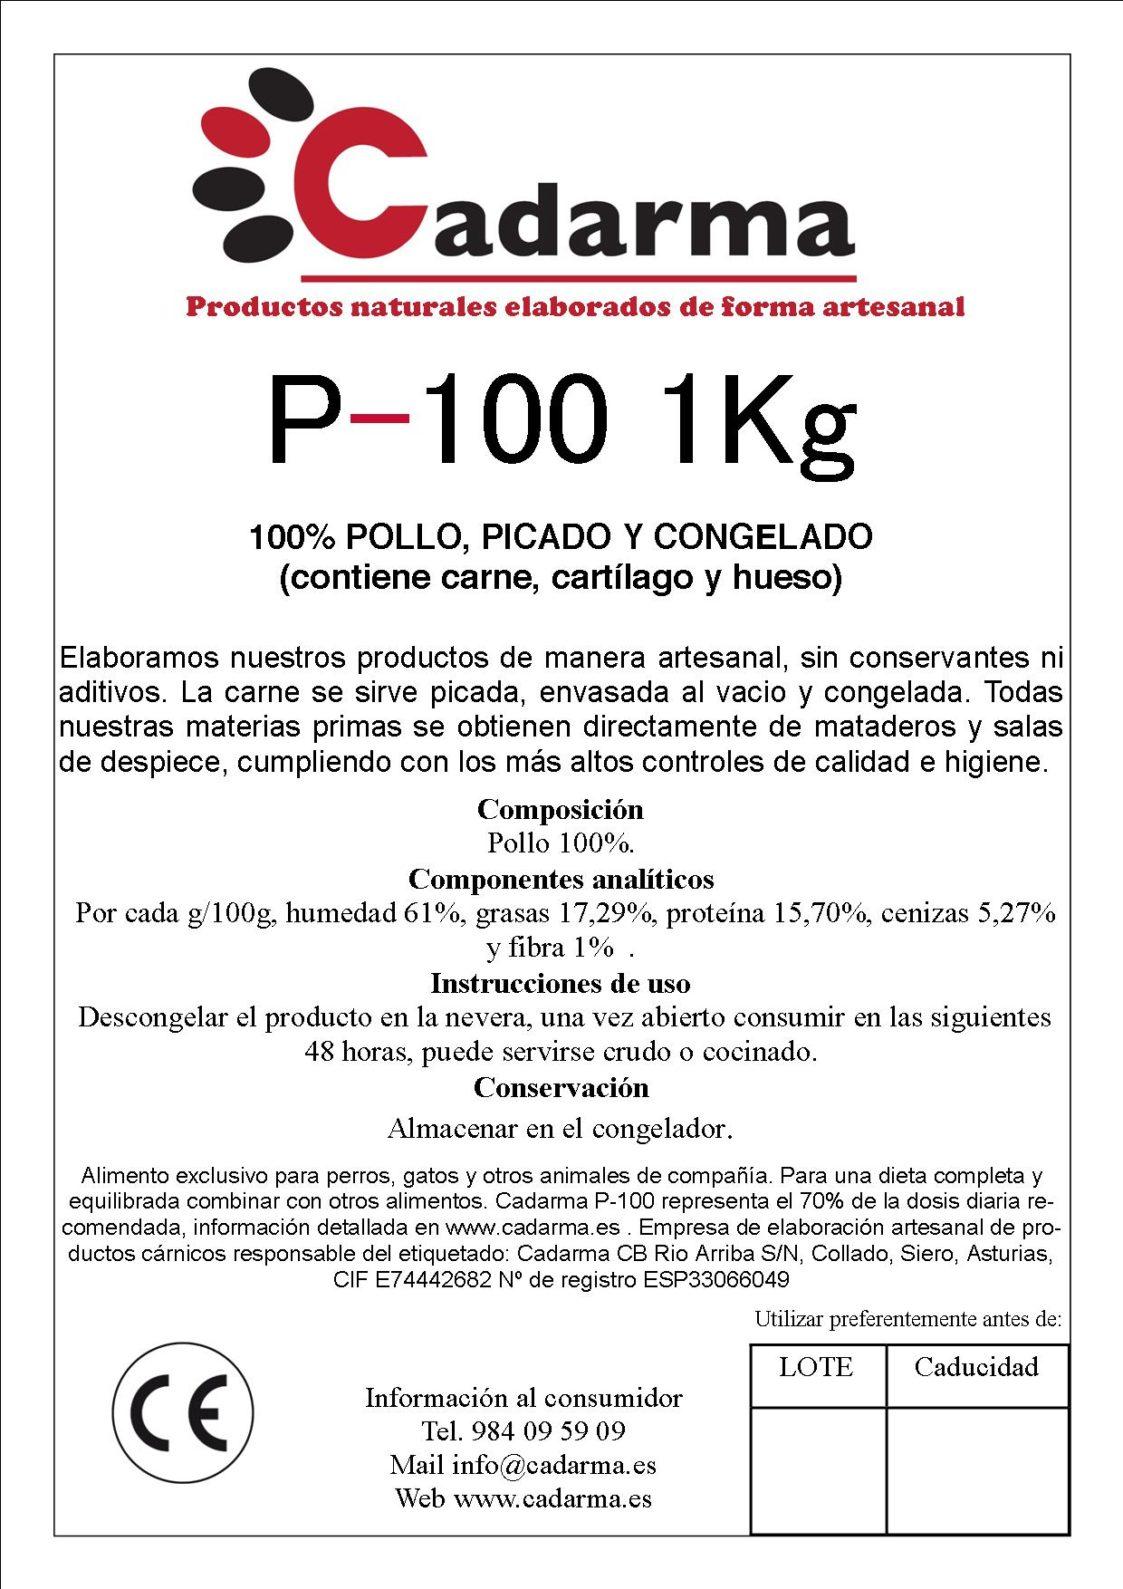 etiqueta 11 P100 1KG